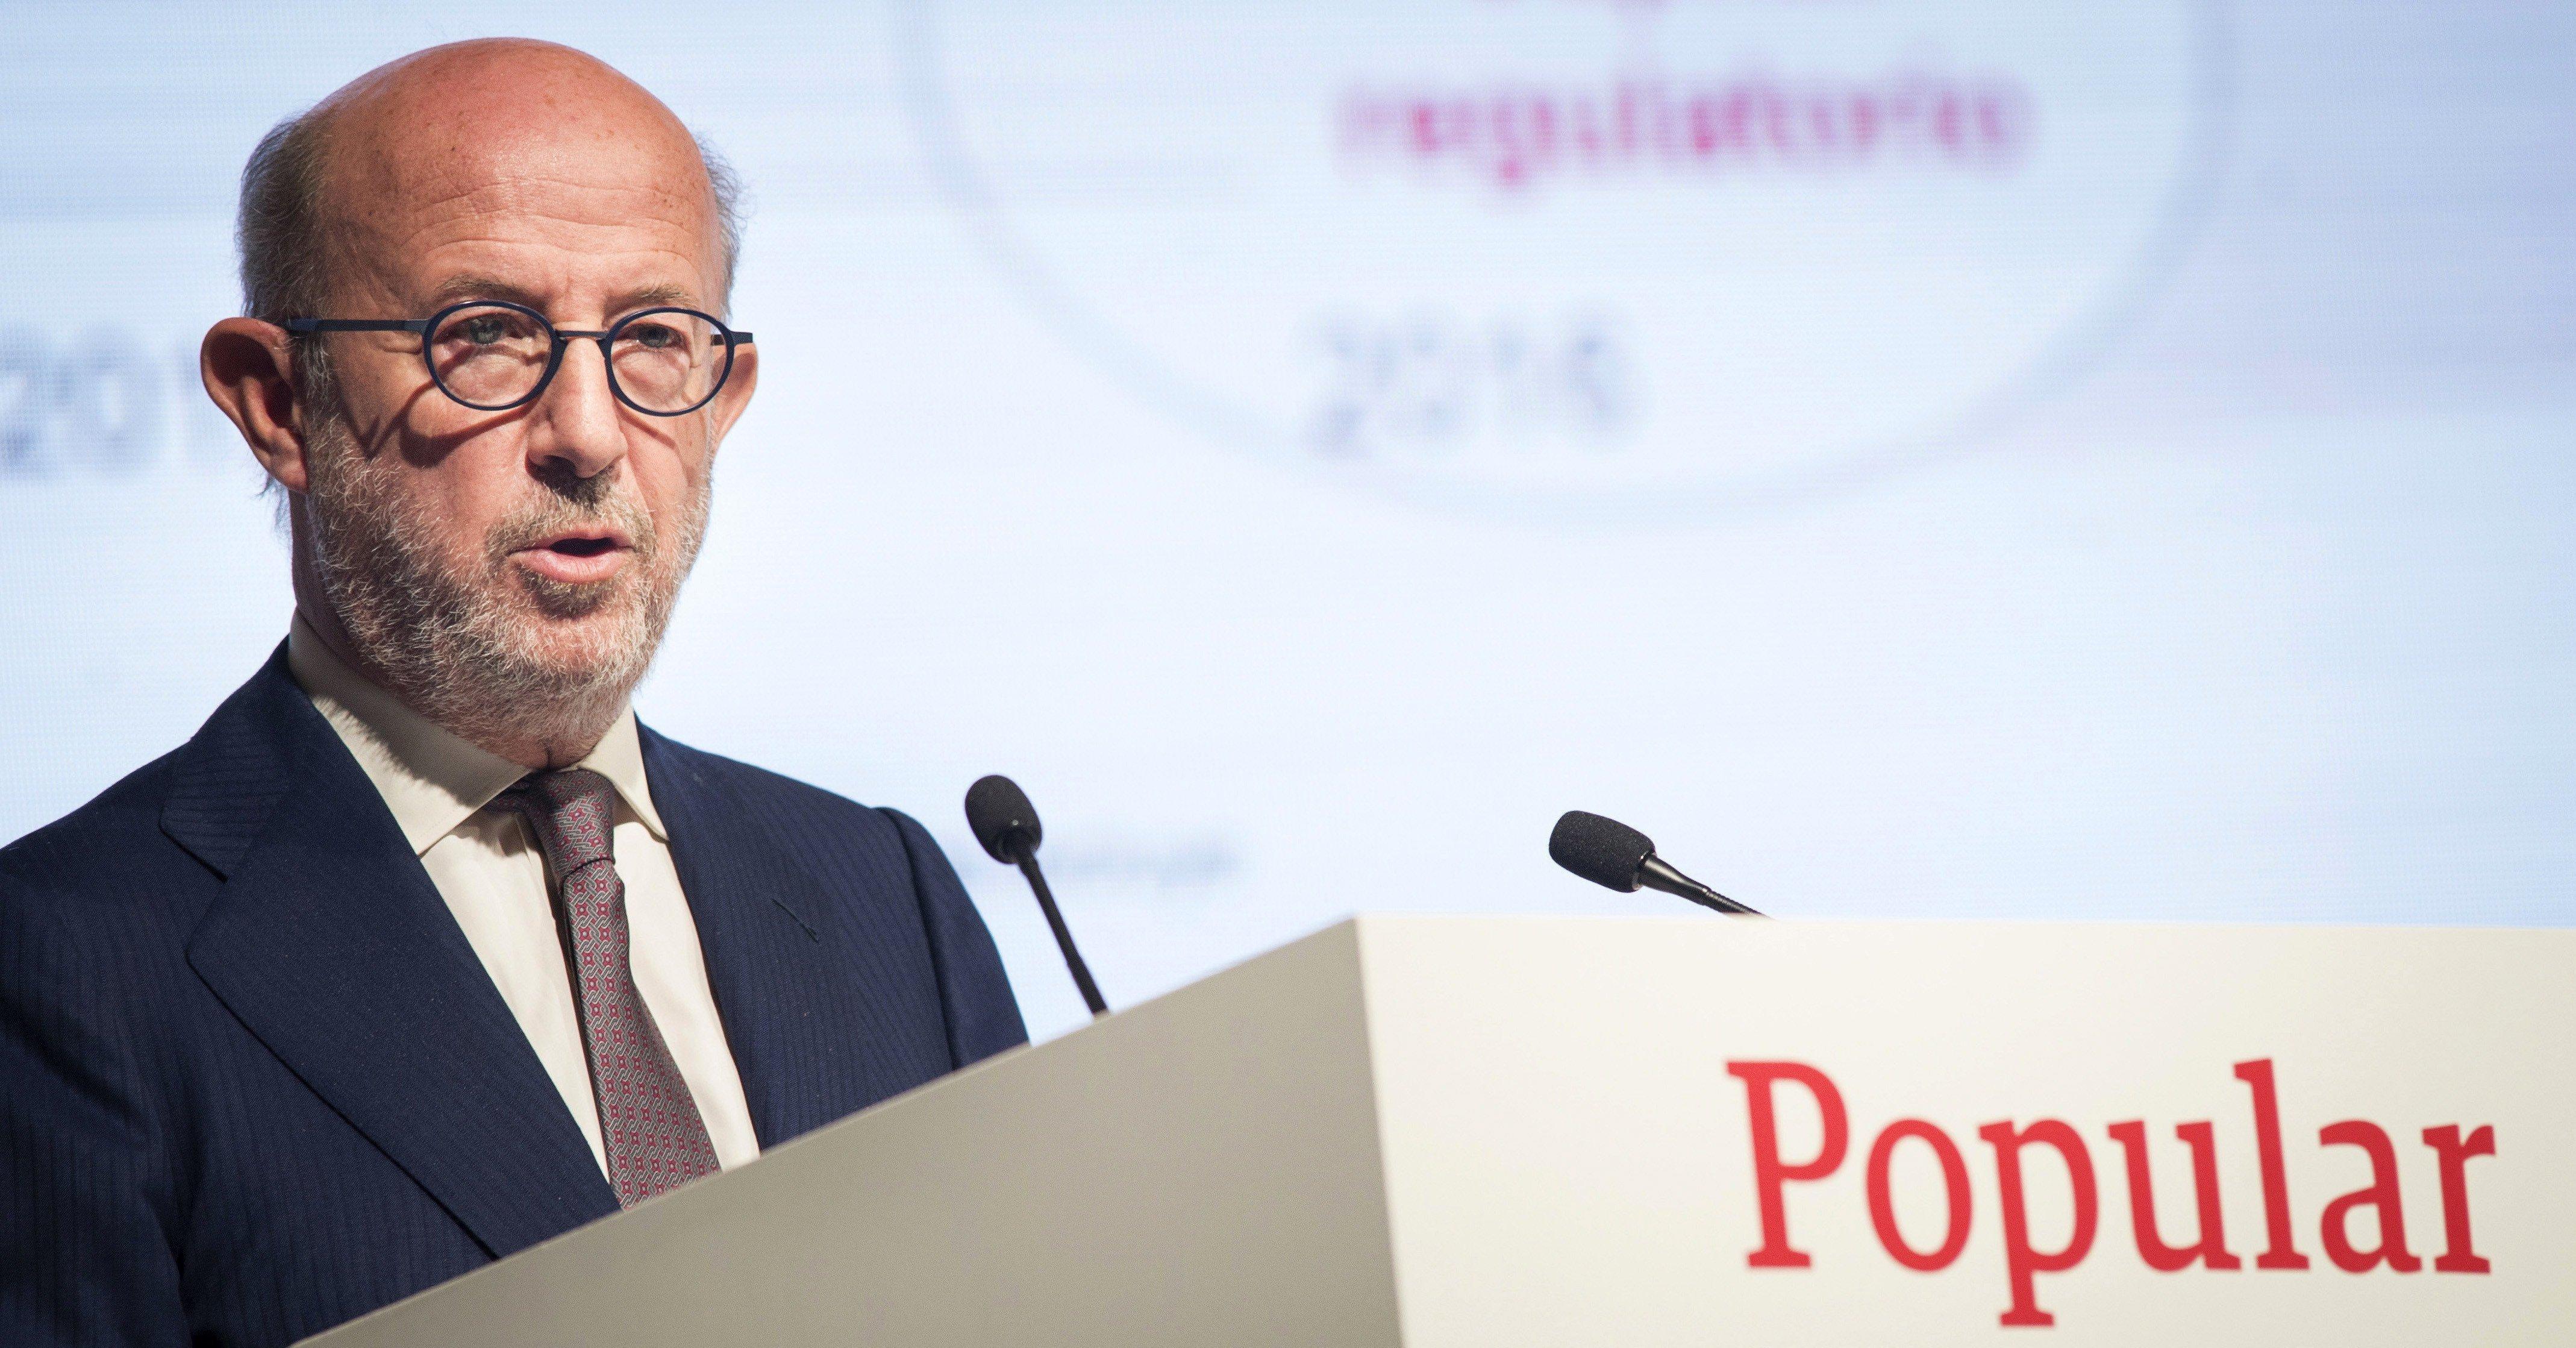 El ex presidente del Banco Popular, Emilio Saracho, es un banquero económico con la verdad